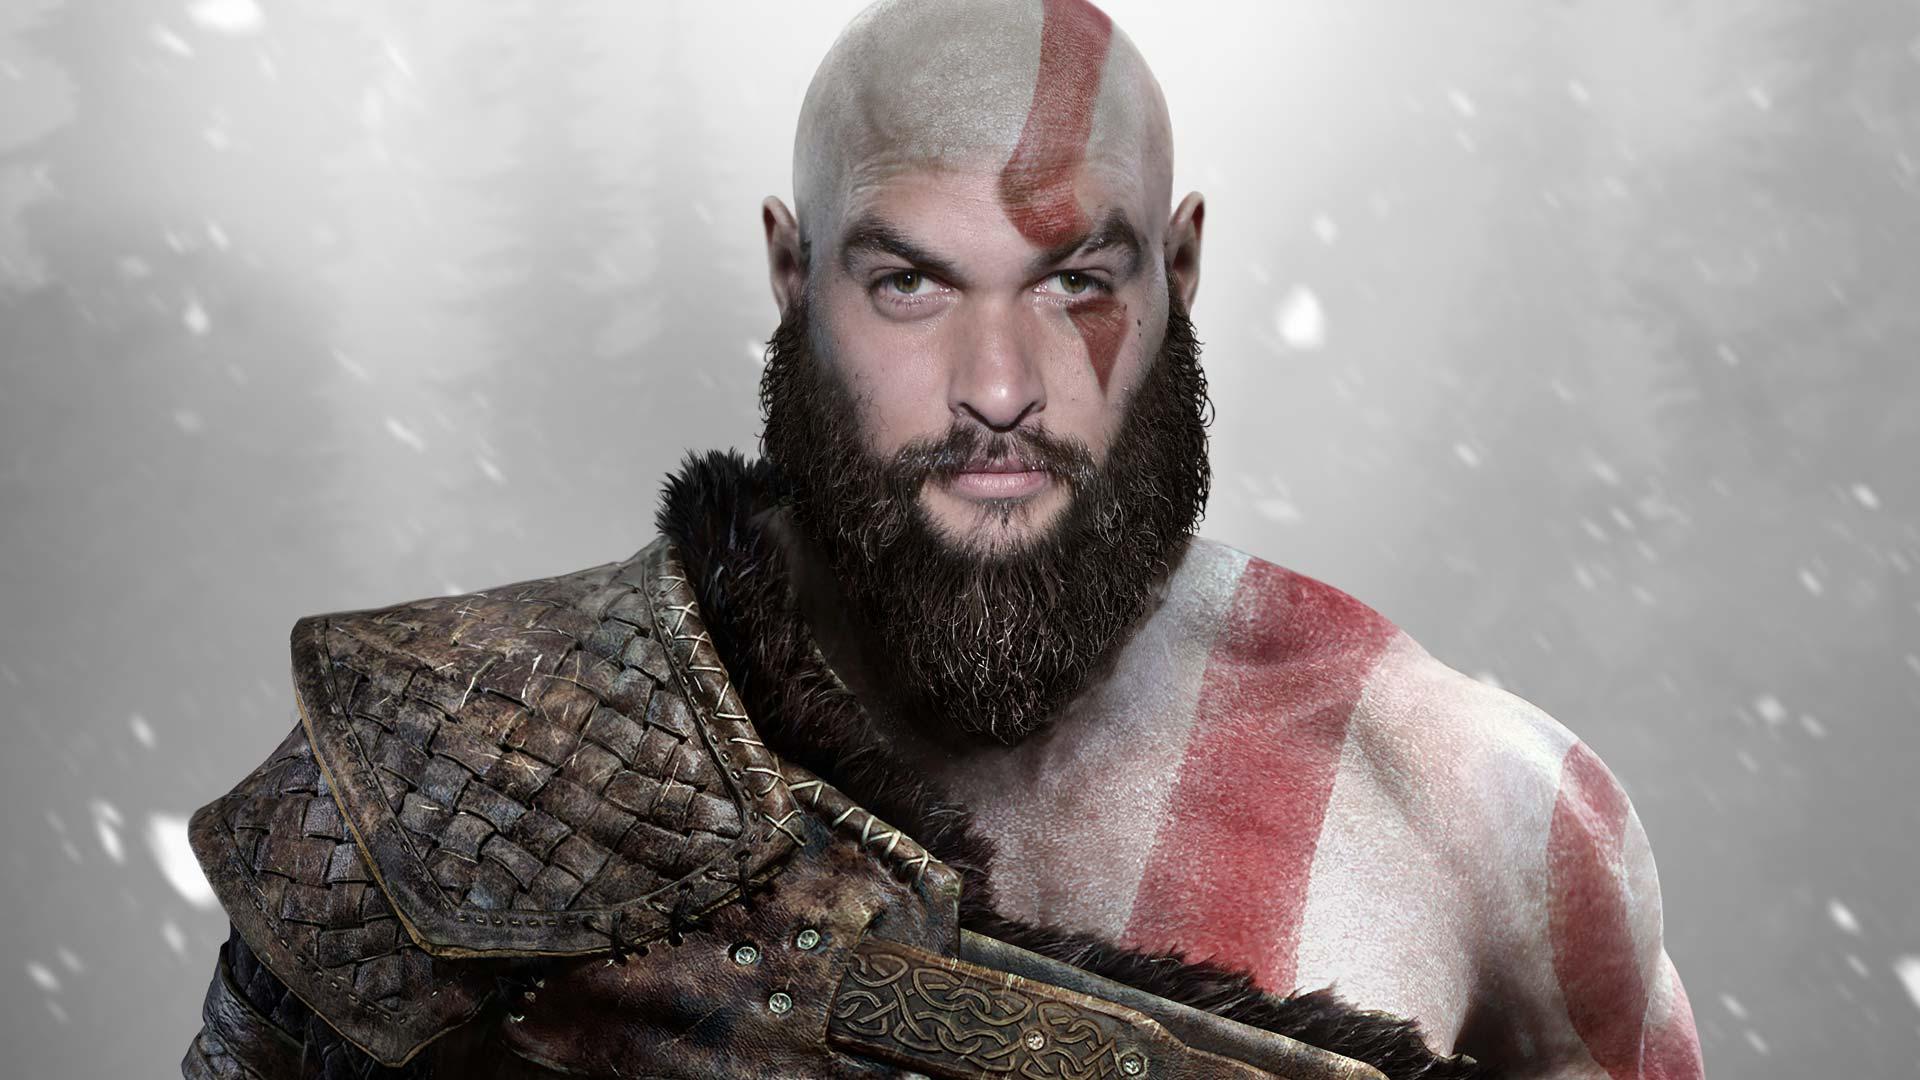 Jason Momoa เจ้าสมุทรแห่ง DC อยากเป็น Kratos ในหนัง God Of War (ถ้าหากมีจริงน่ะนะ)